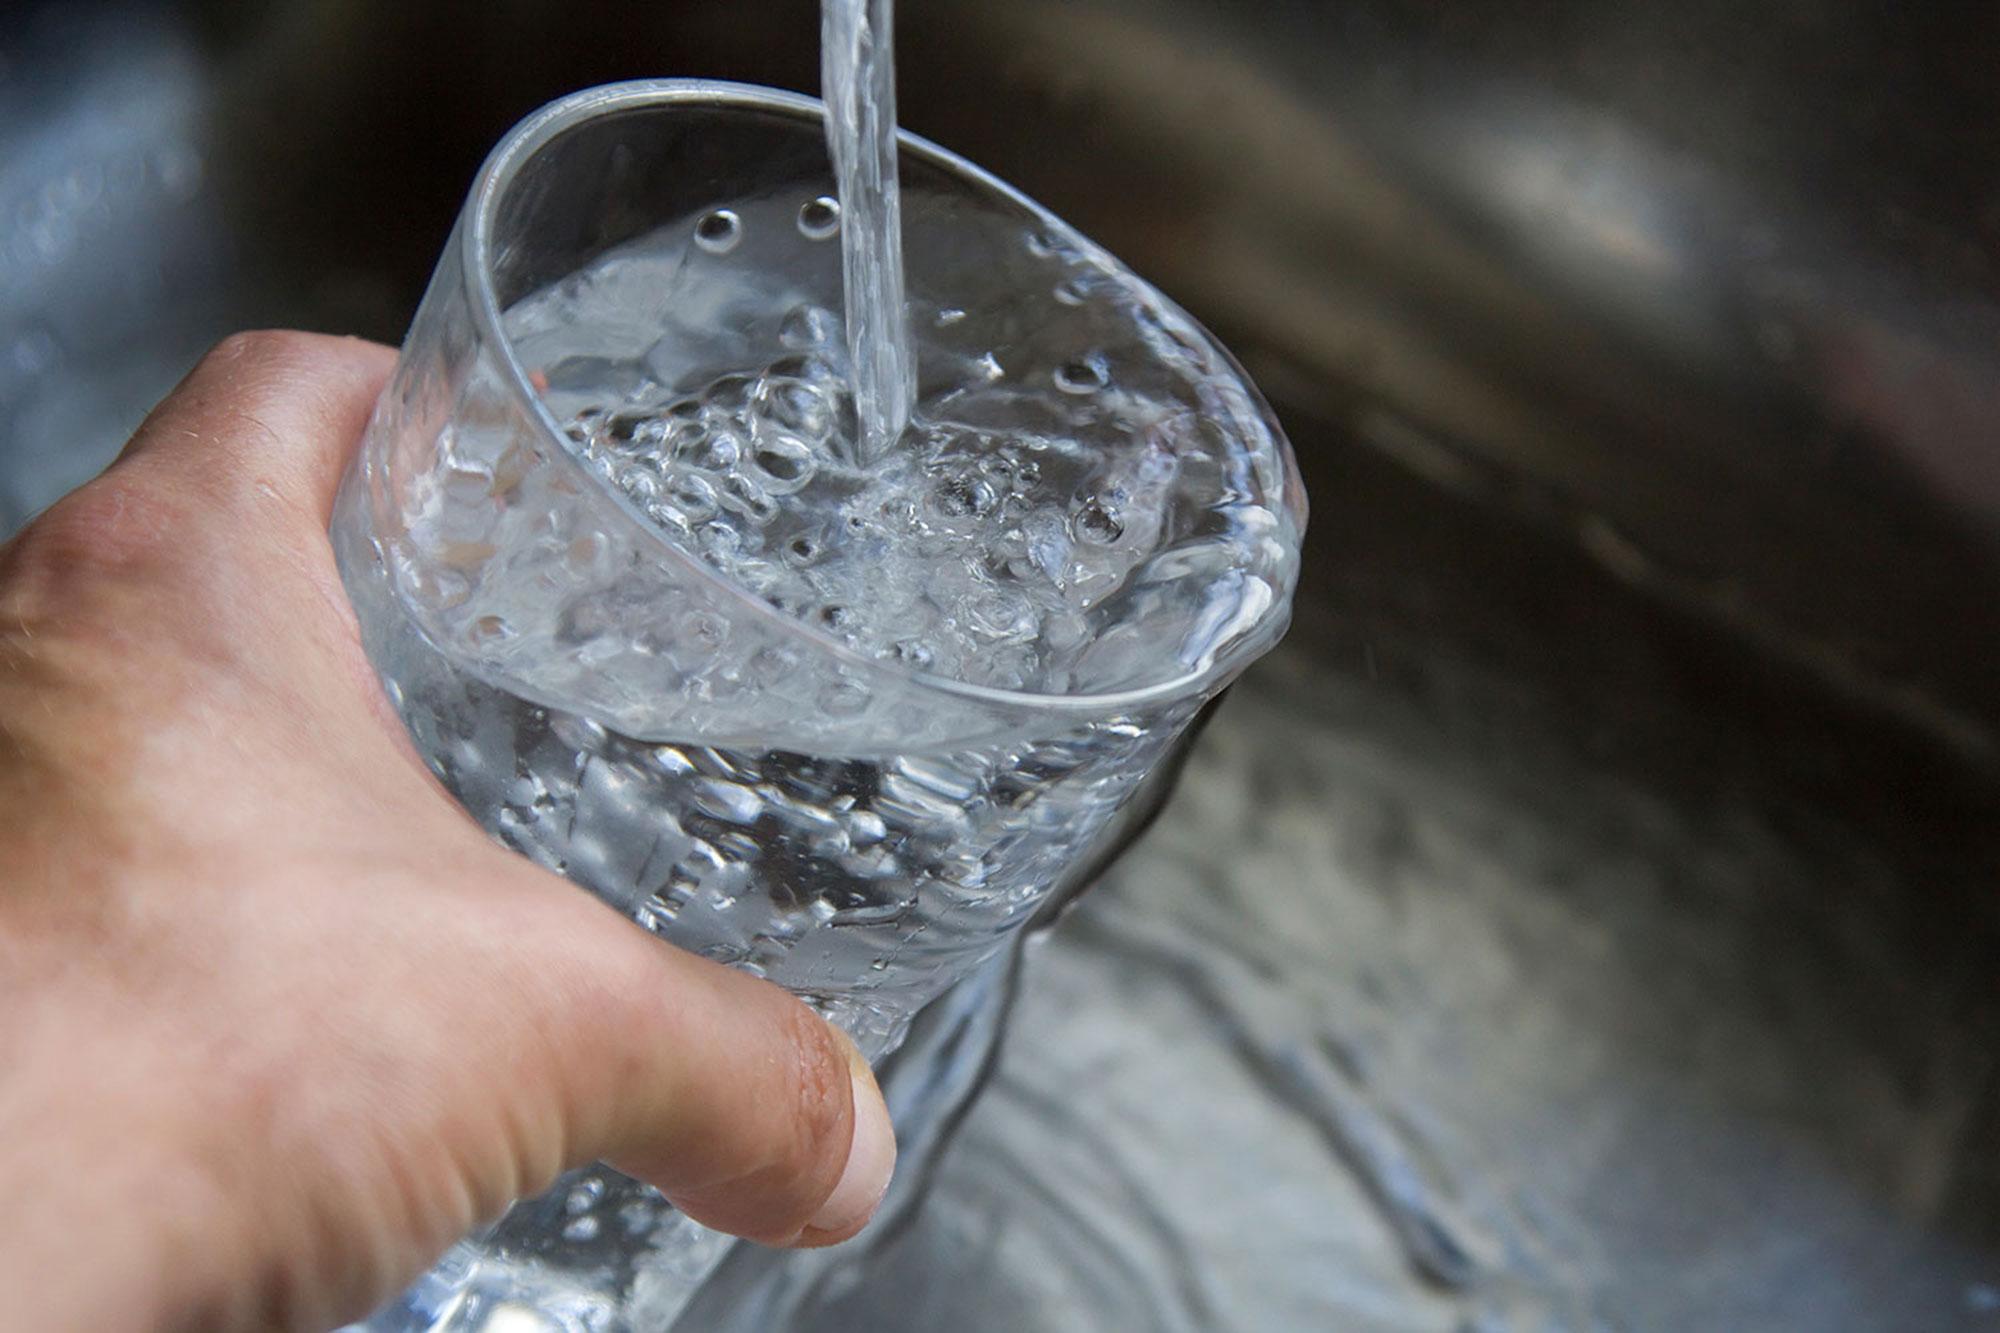 vand i kroppen efter vægt bryststørrelse